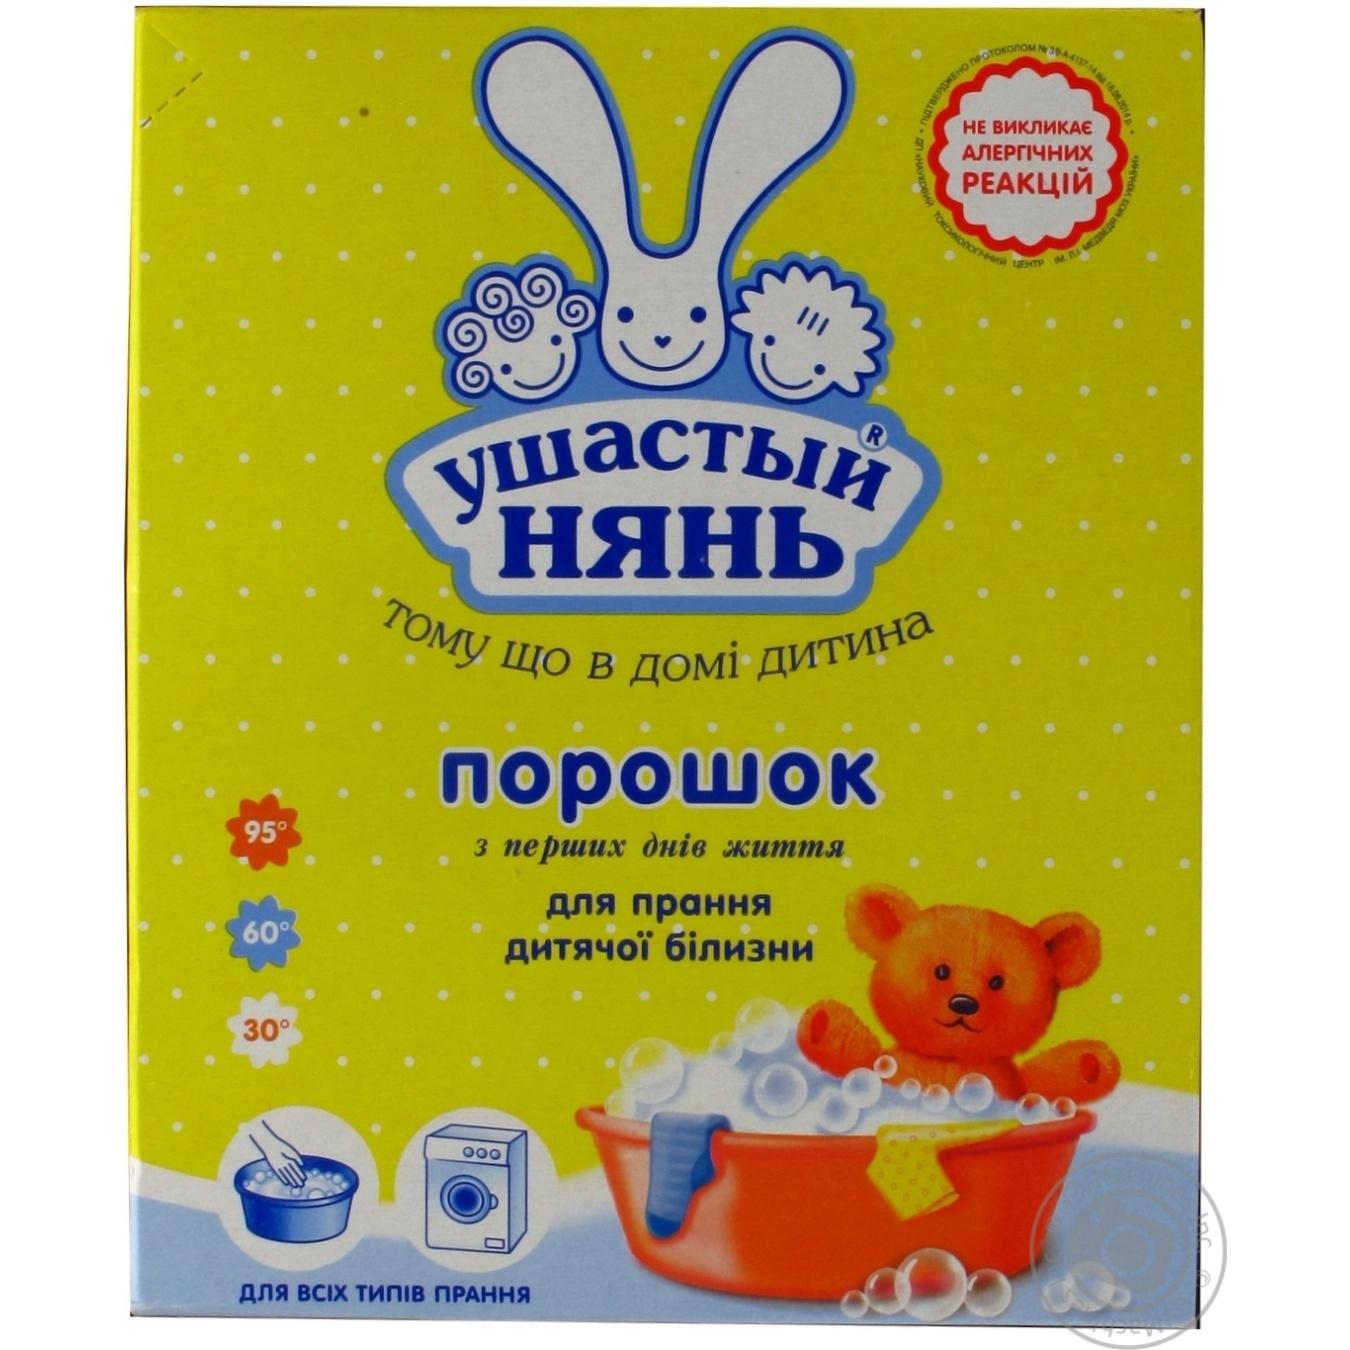 Порошок Ушастий Нянь для прання дитячої білизни для всіх типів прання 400г 1c52cbc688e26